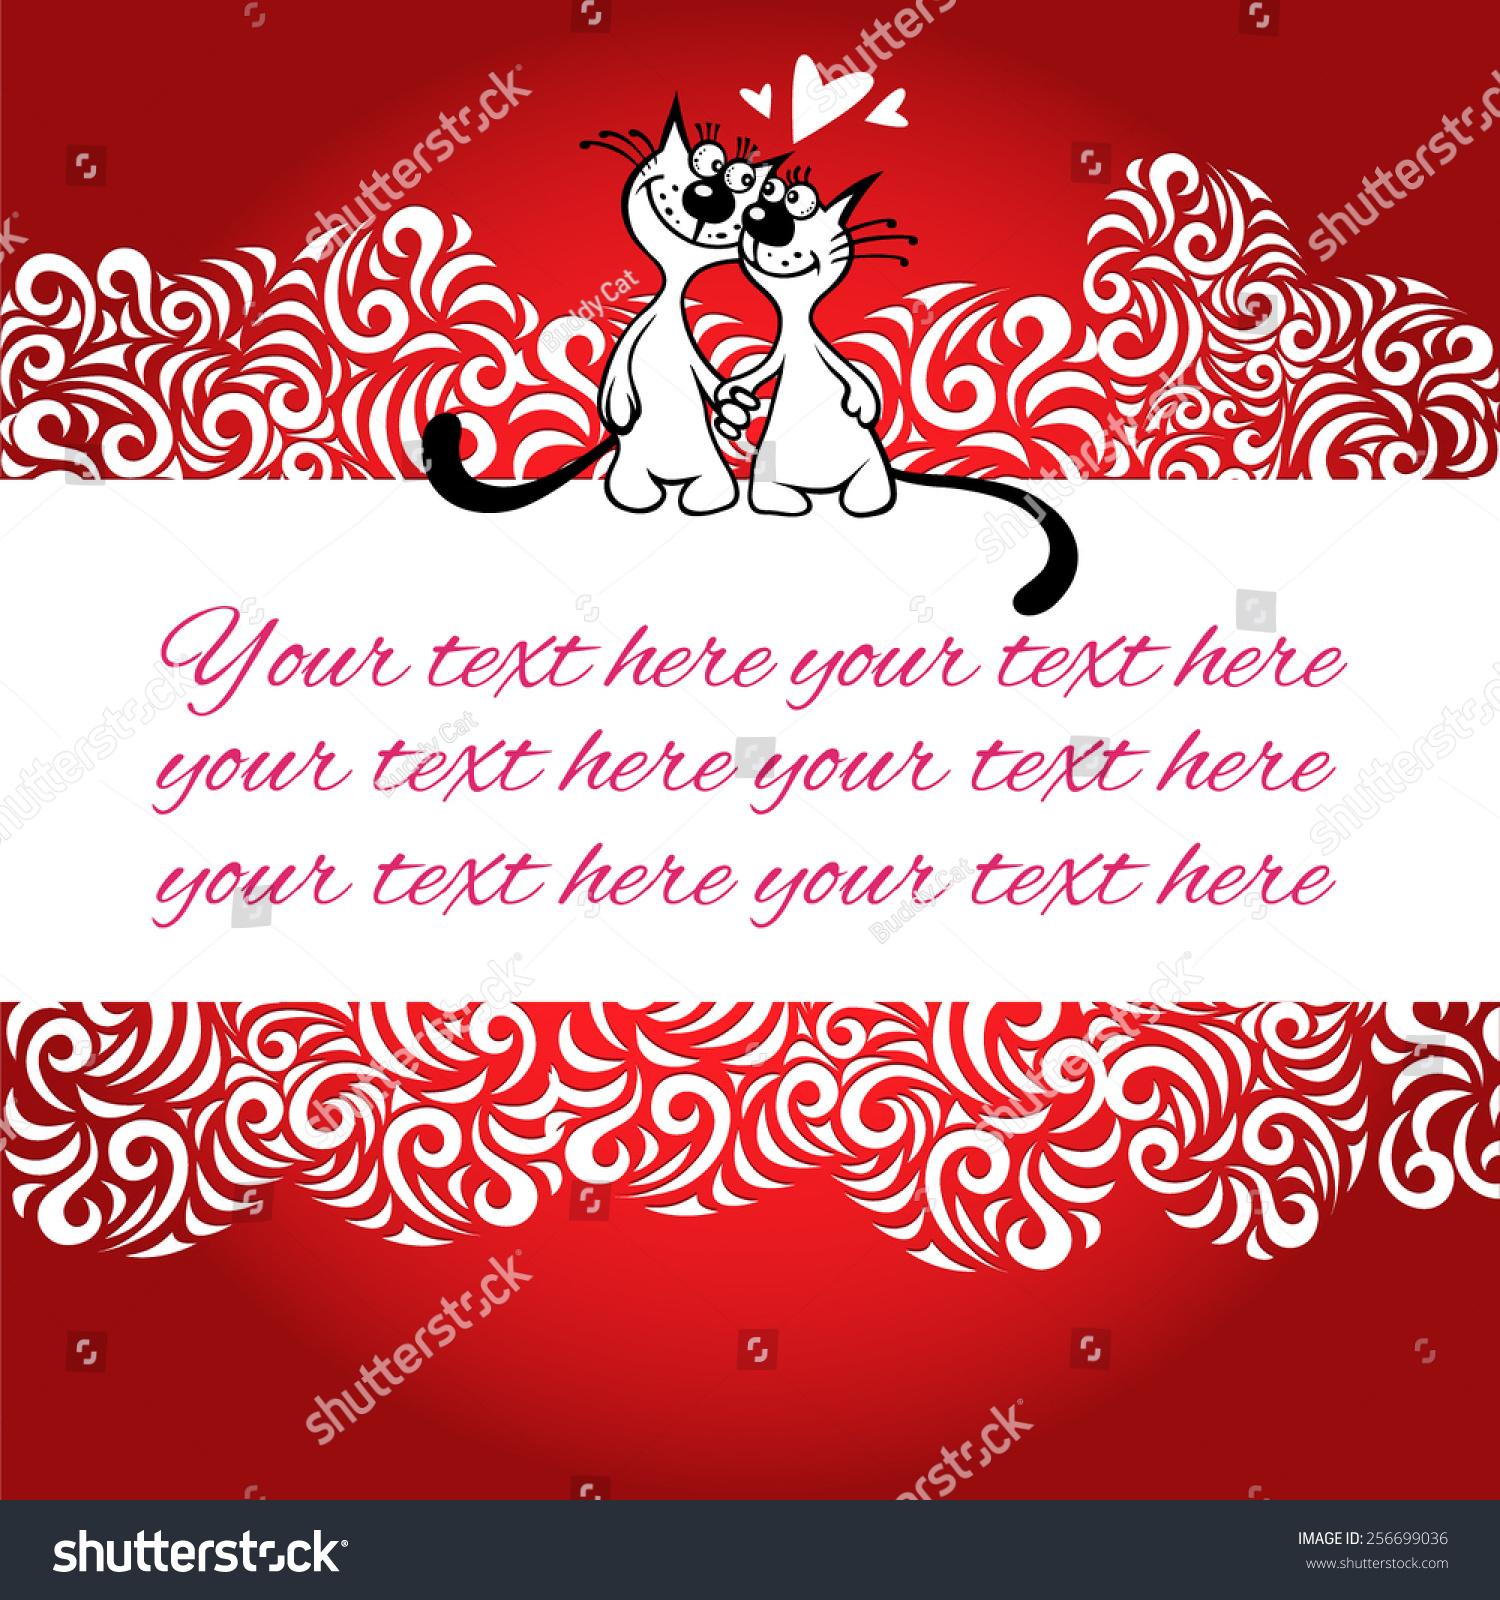 Wedding Invitation Cat Rendezvous Stock Vector 256699036 - Shutterstock